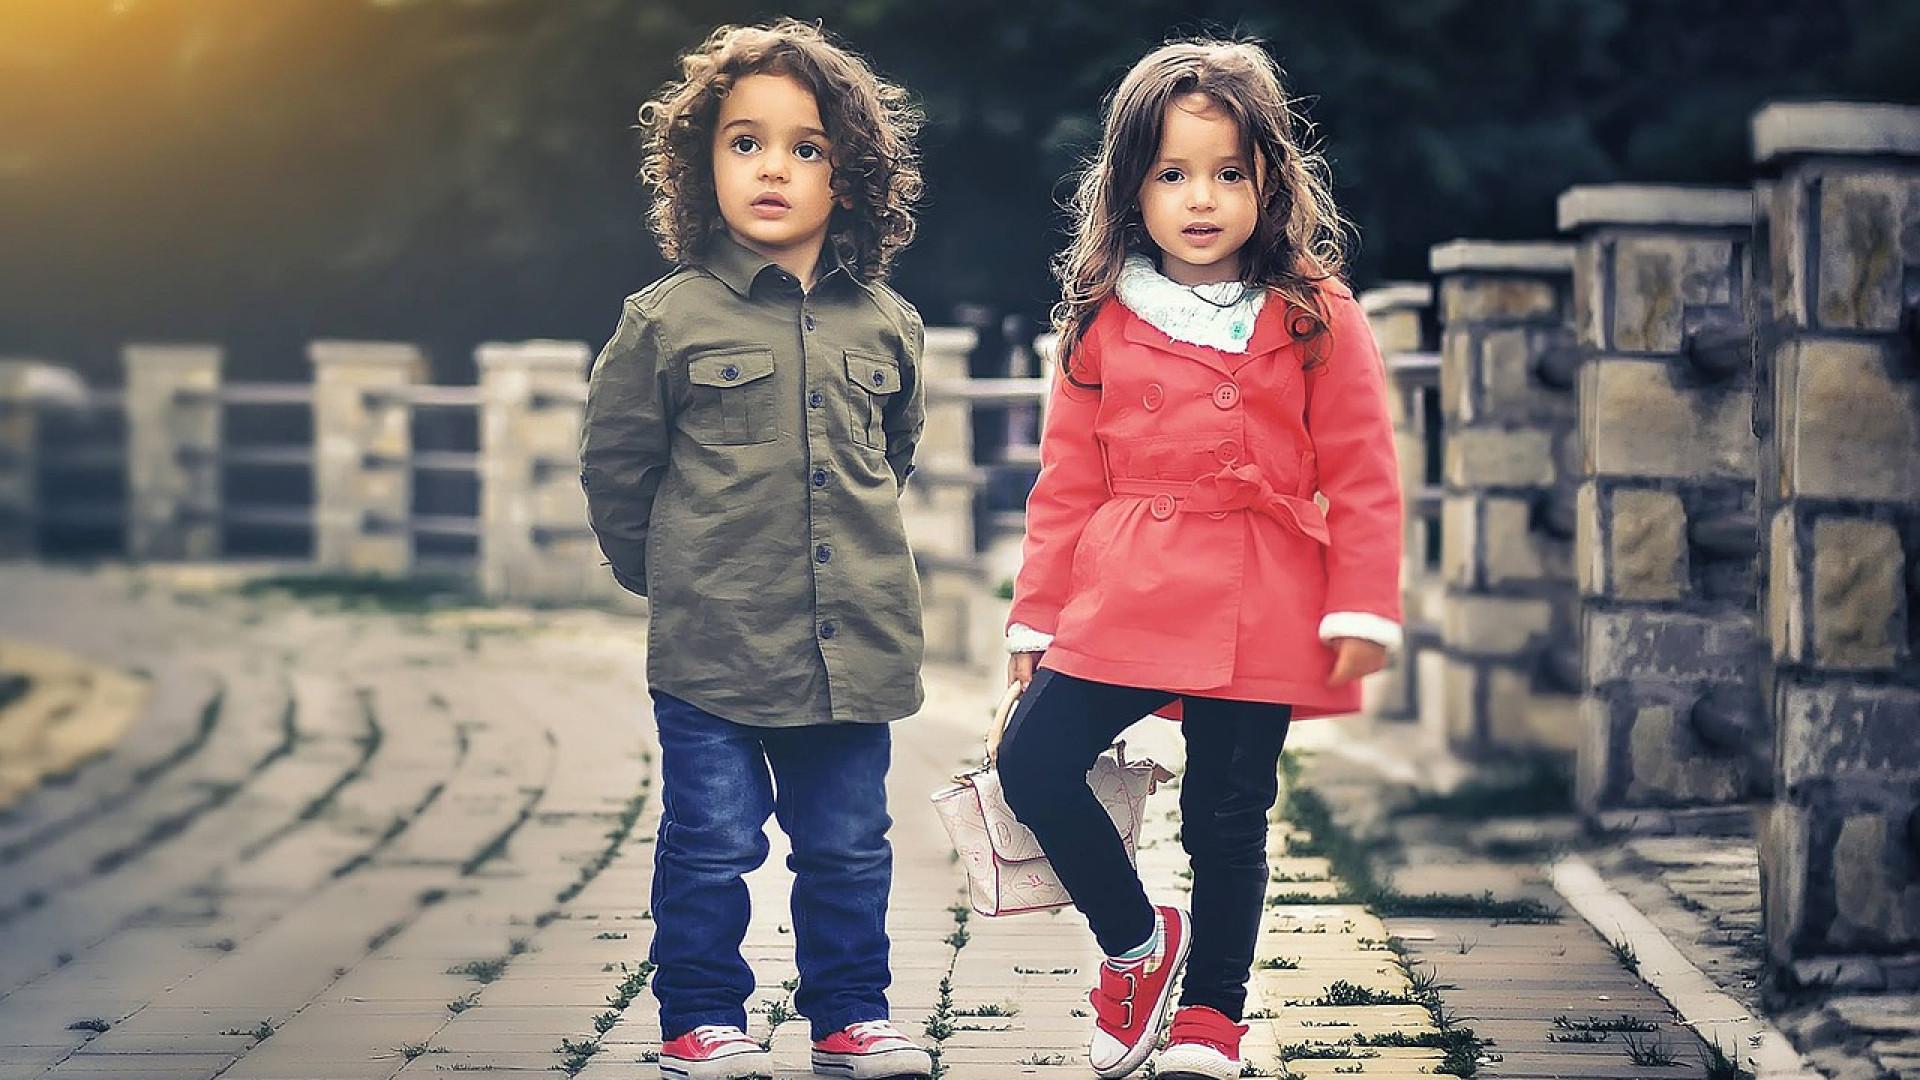 Une rentrée des enfants sereine grâce au marquage des vêtements